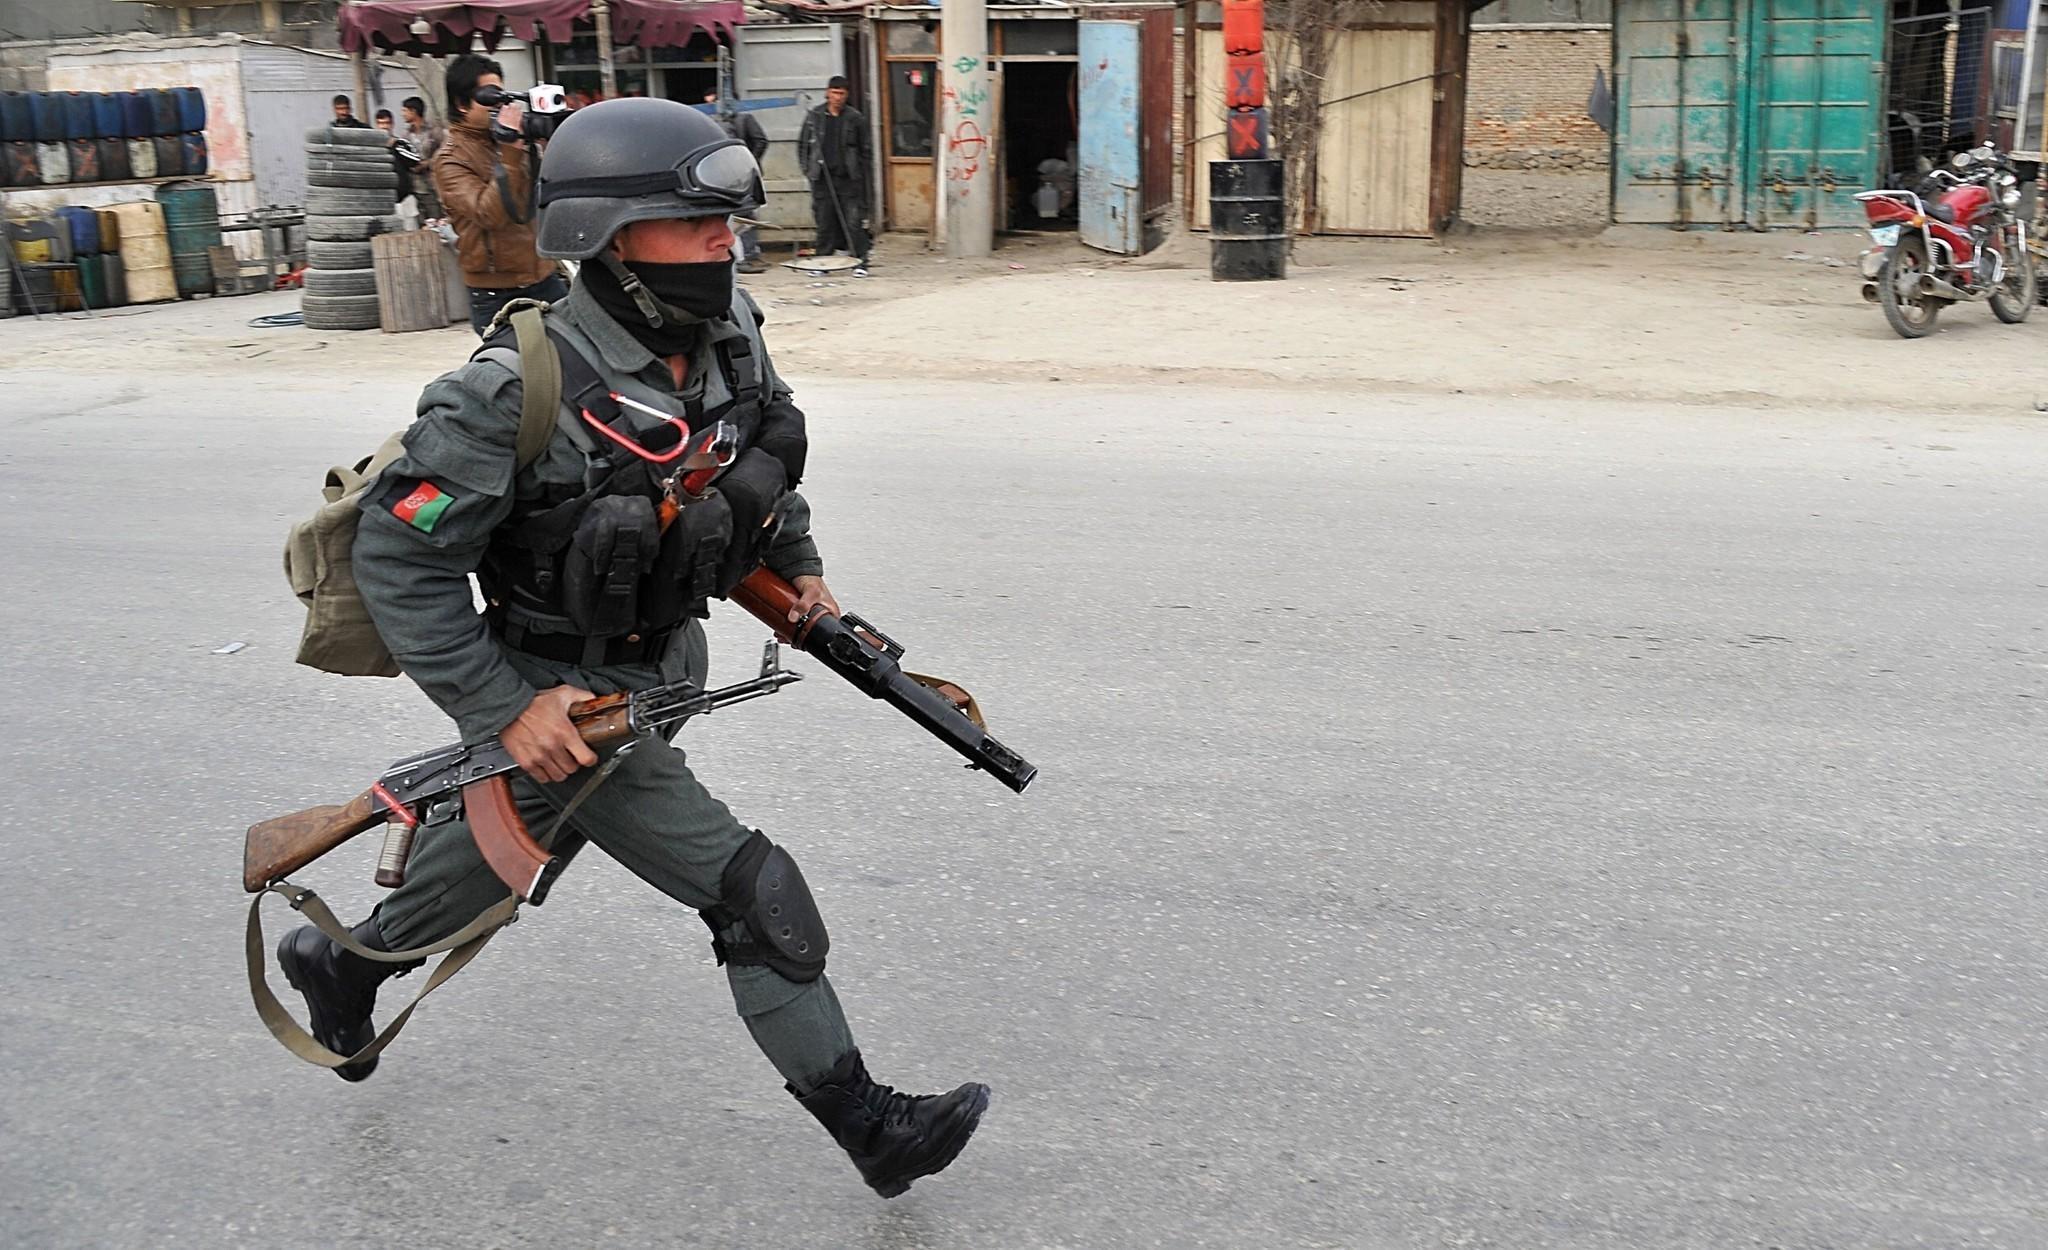 http://www.trbimg.com/img-52bda795/turbine/la-fg-wn-afghanistan-three-nato-troops-dead-ka-001/2048/2048x1250